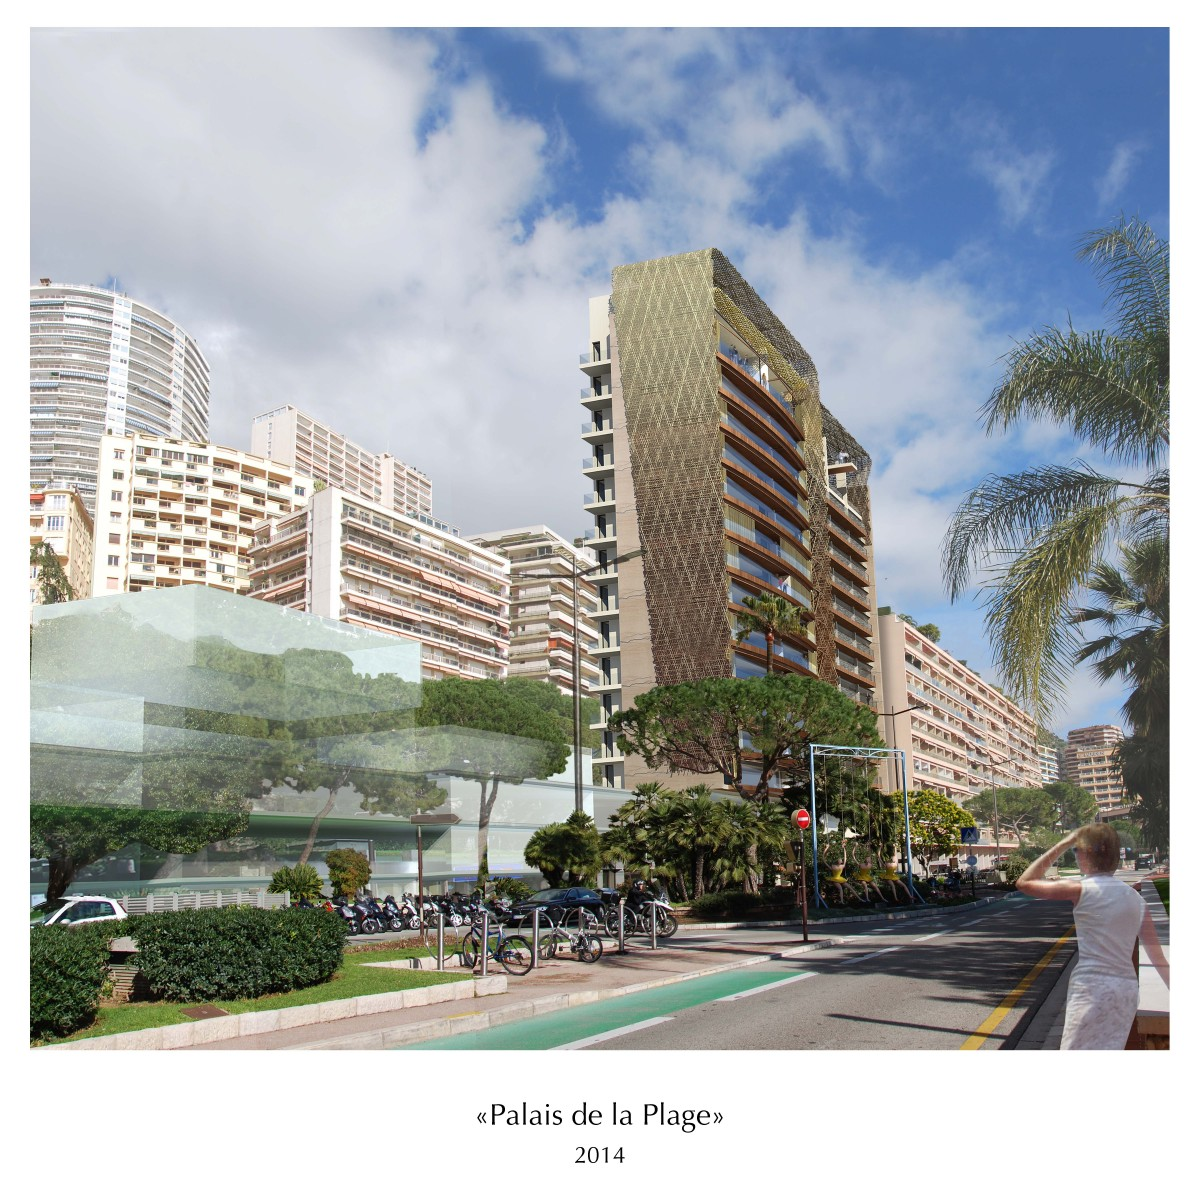 palais-de-la-plage-2-1200×1200